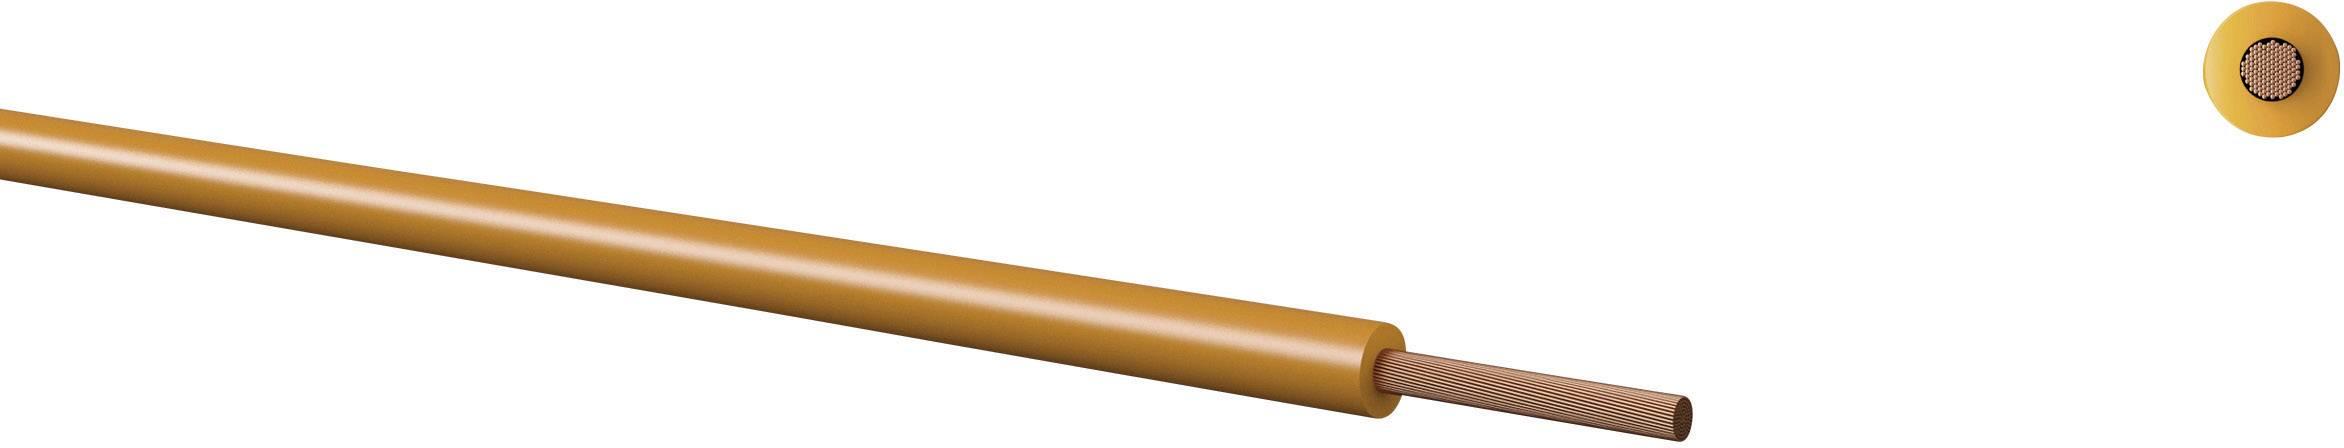 Opletenie / lanko Kabeltronik 160102505 LiFY, 1 x 0.25 mm², vonkajší Ø 1.40 mm, metrový tovar, sivá